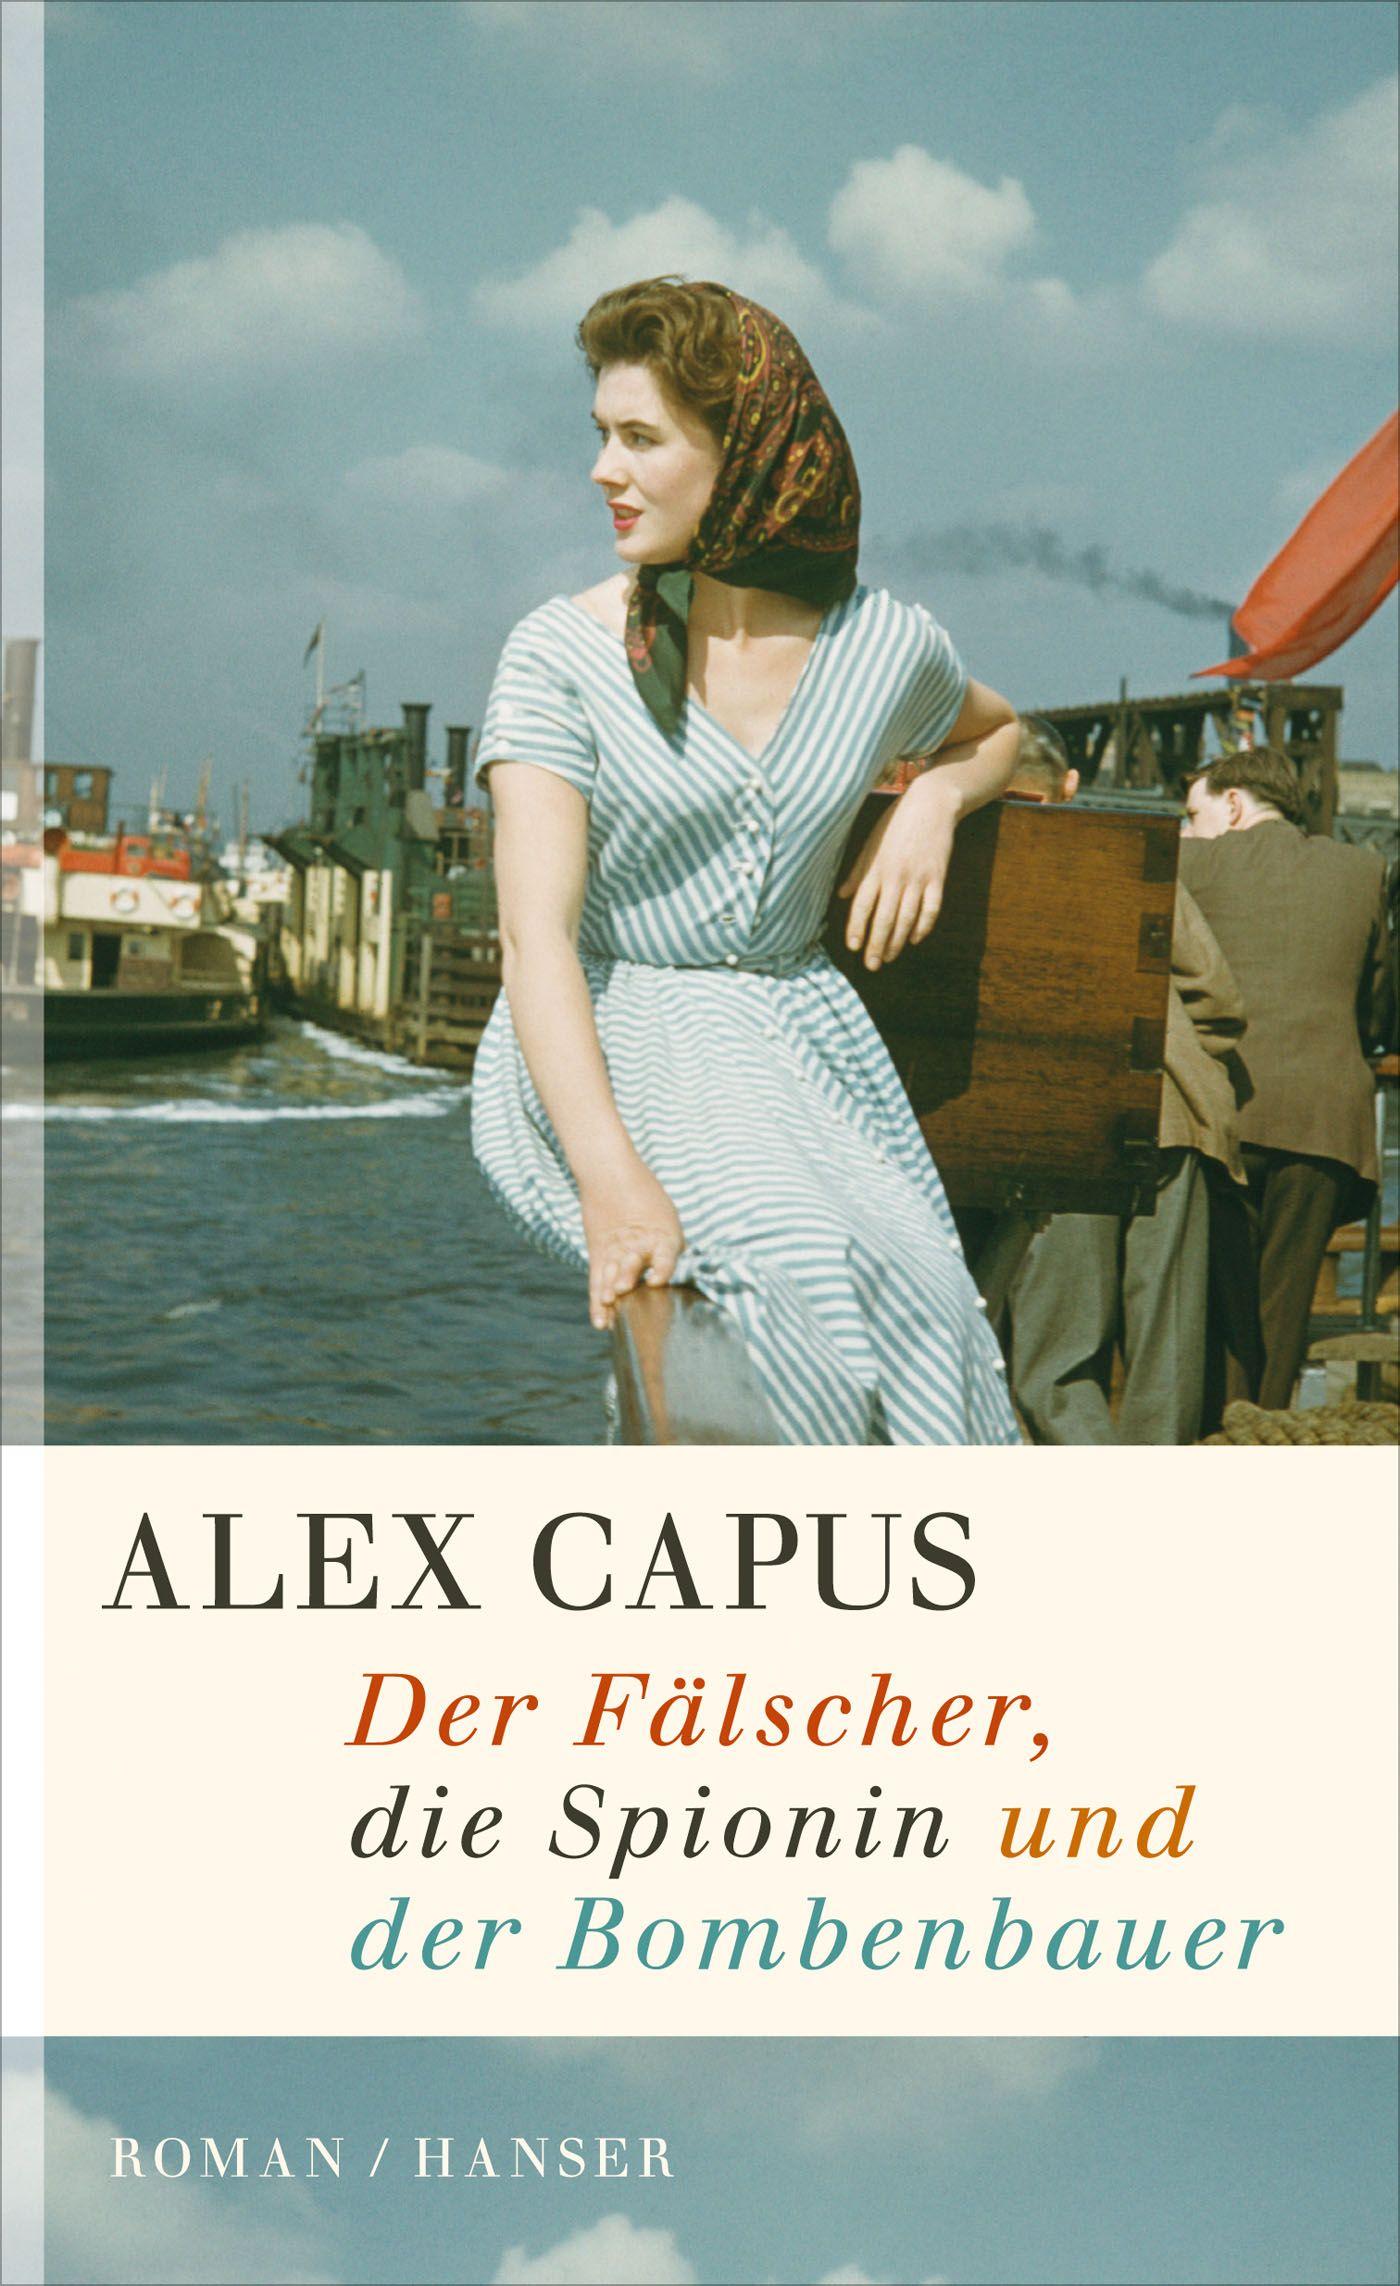 Alex Capus: Der Fälscher, die Spionin und der Bombenbauer - Hanser Verlag